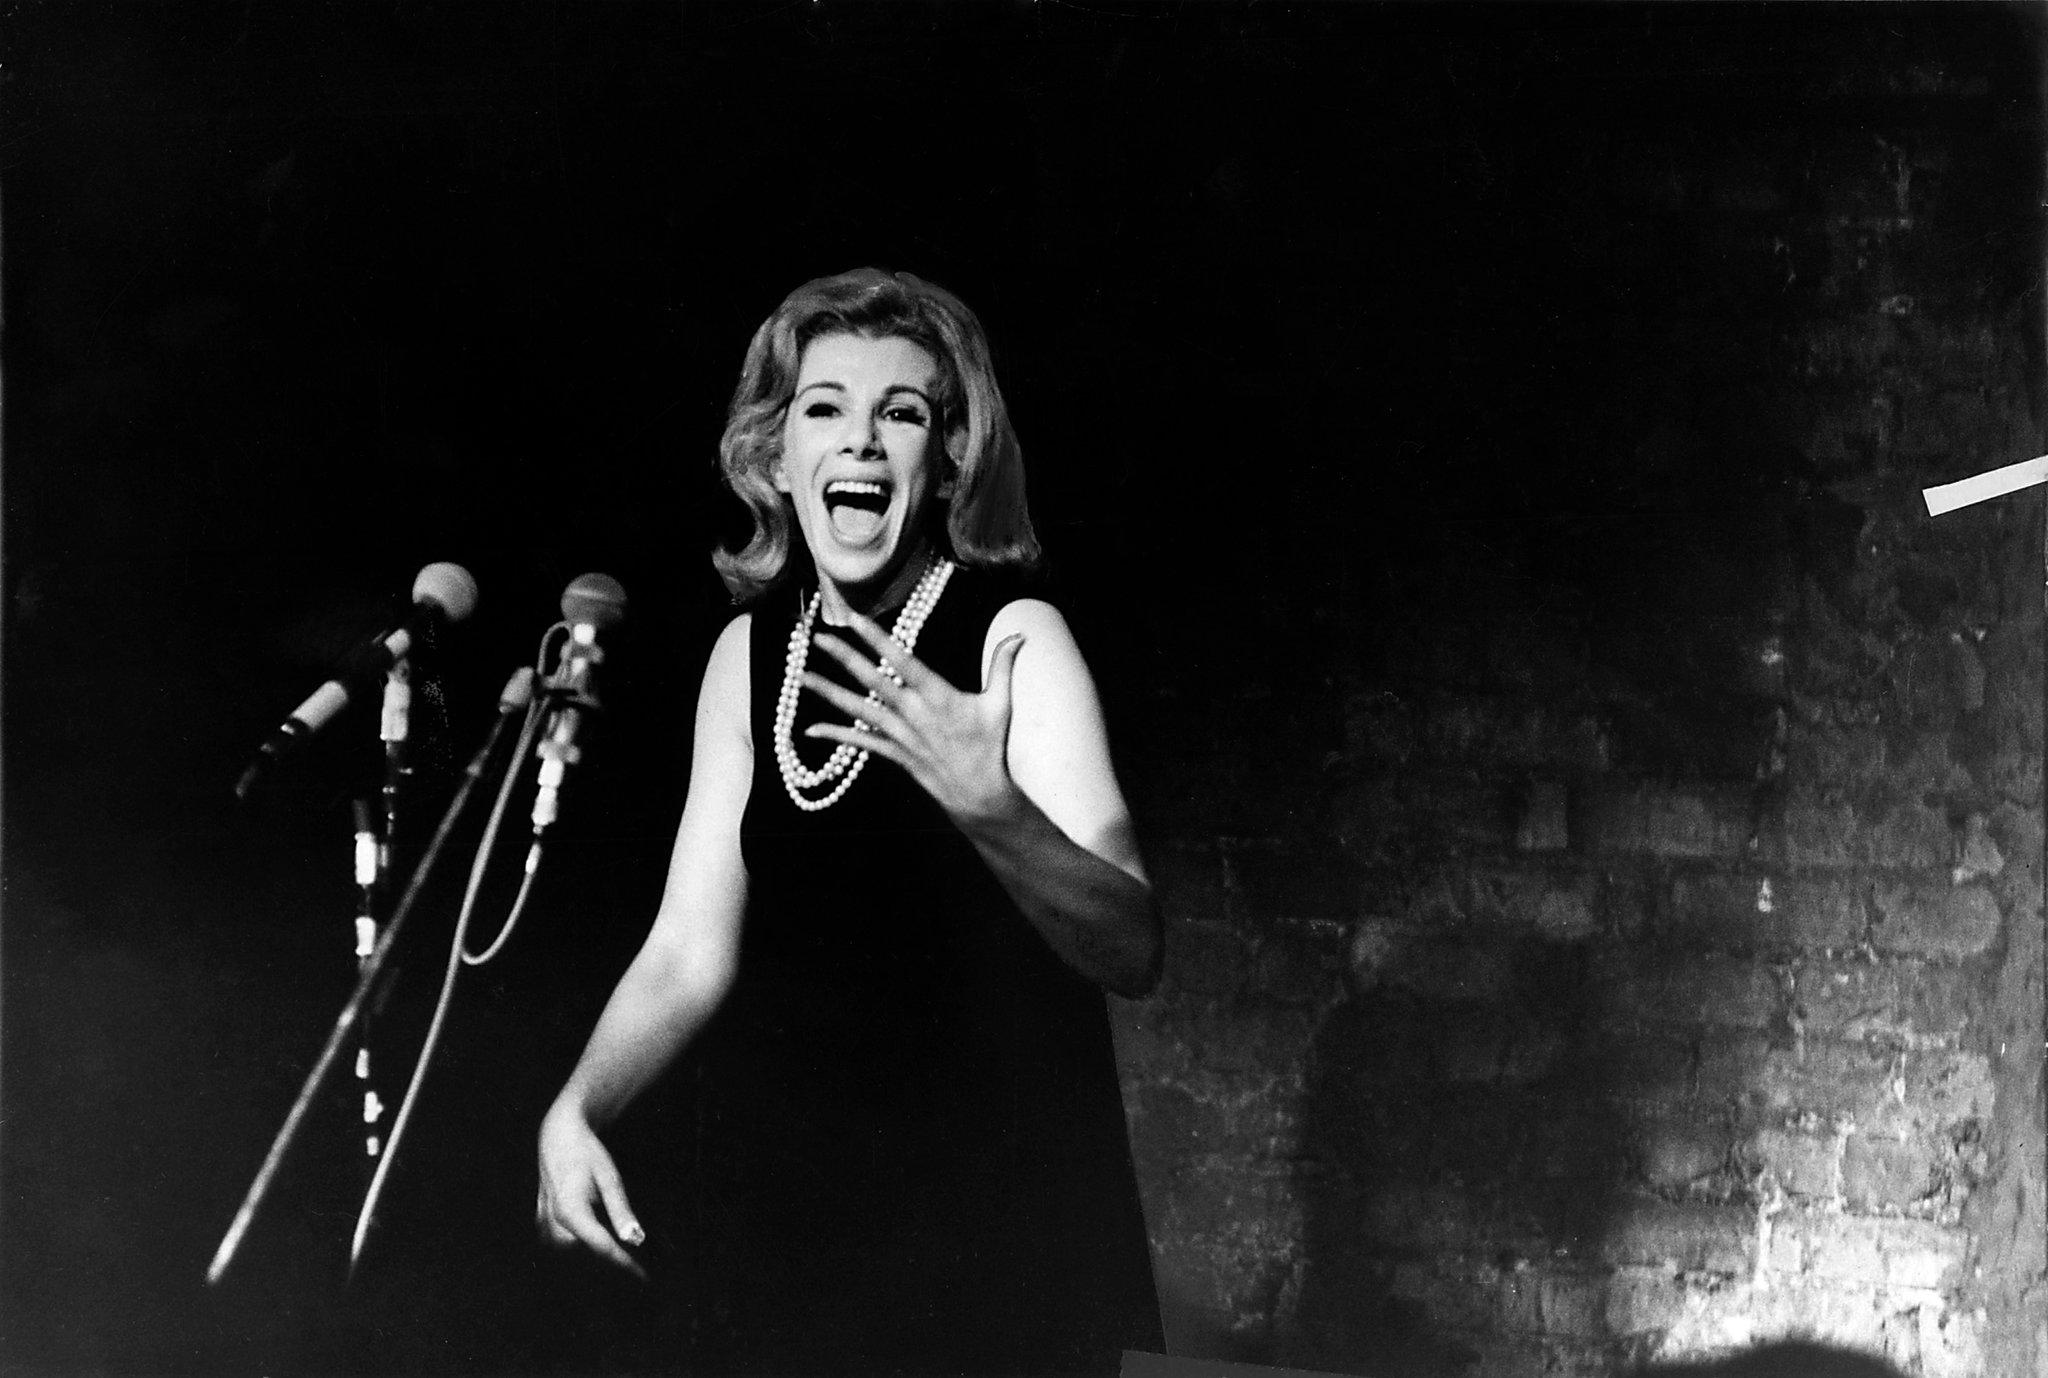 1965-Joan-Rivers-performing-in-Tarrytown-Pix-Inc